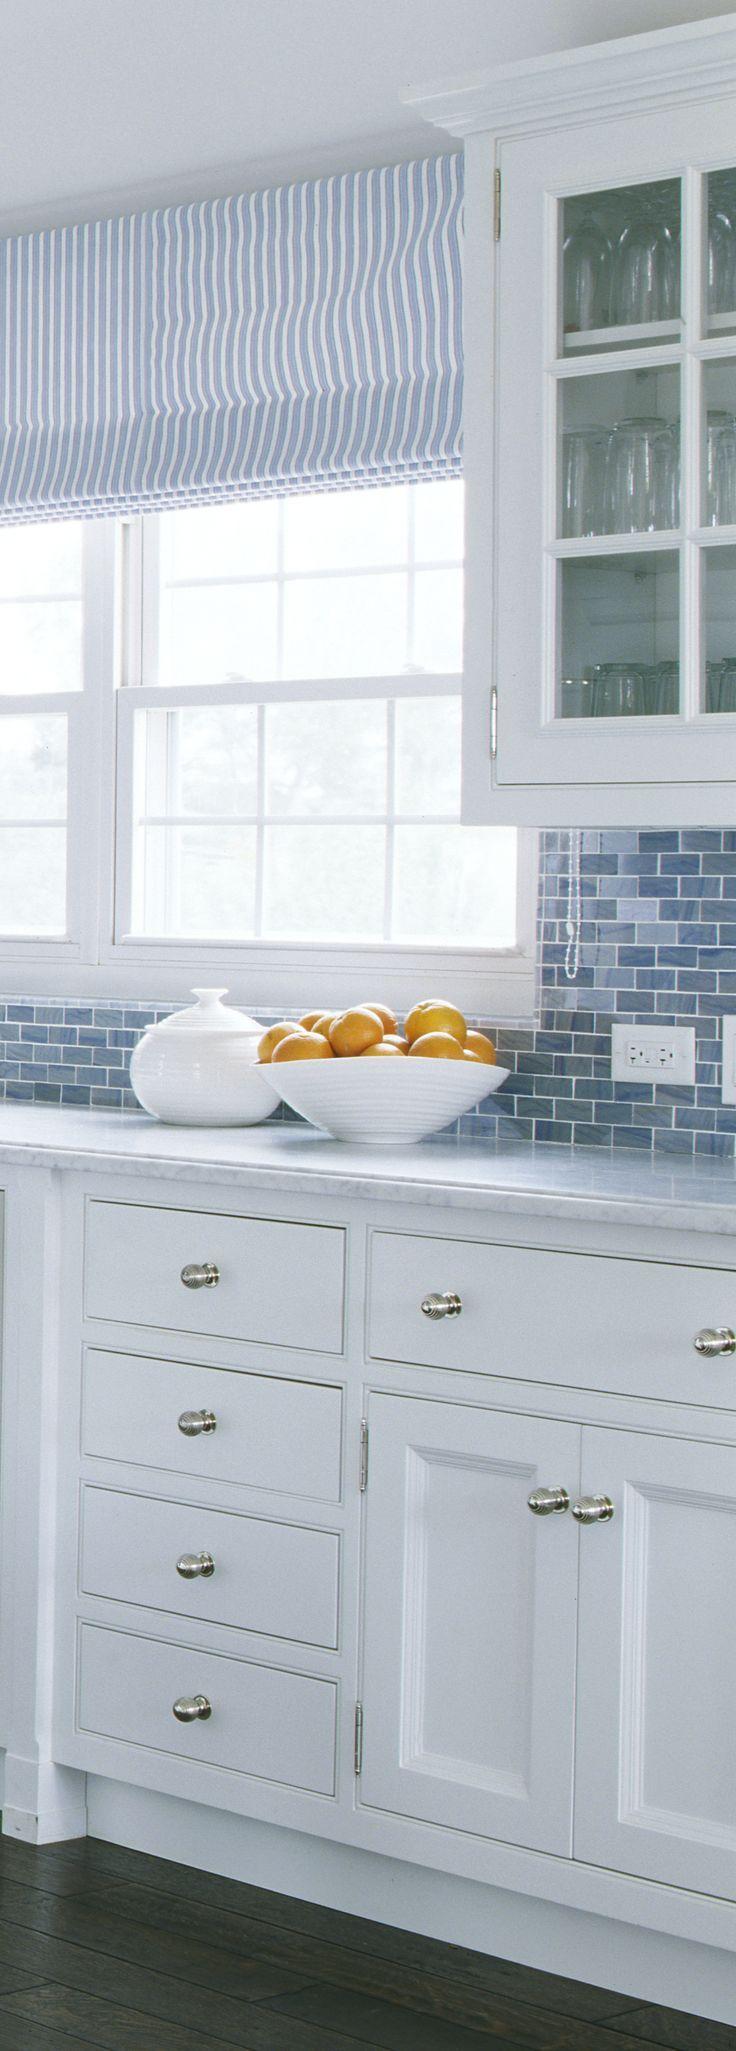 Subway tiles coastal kitchens and subway tiles subway tiles doublecrazyfo Choice Image